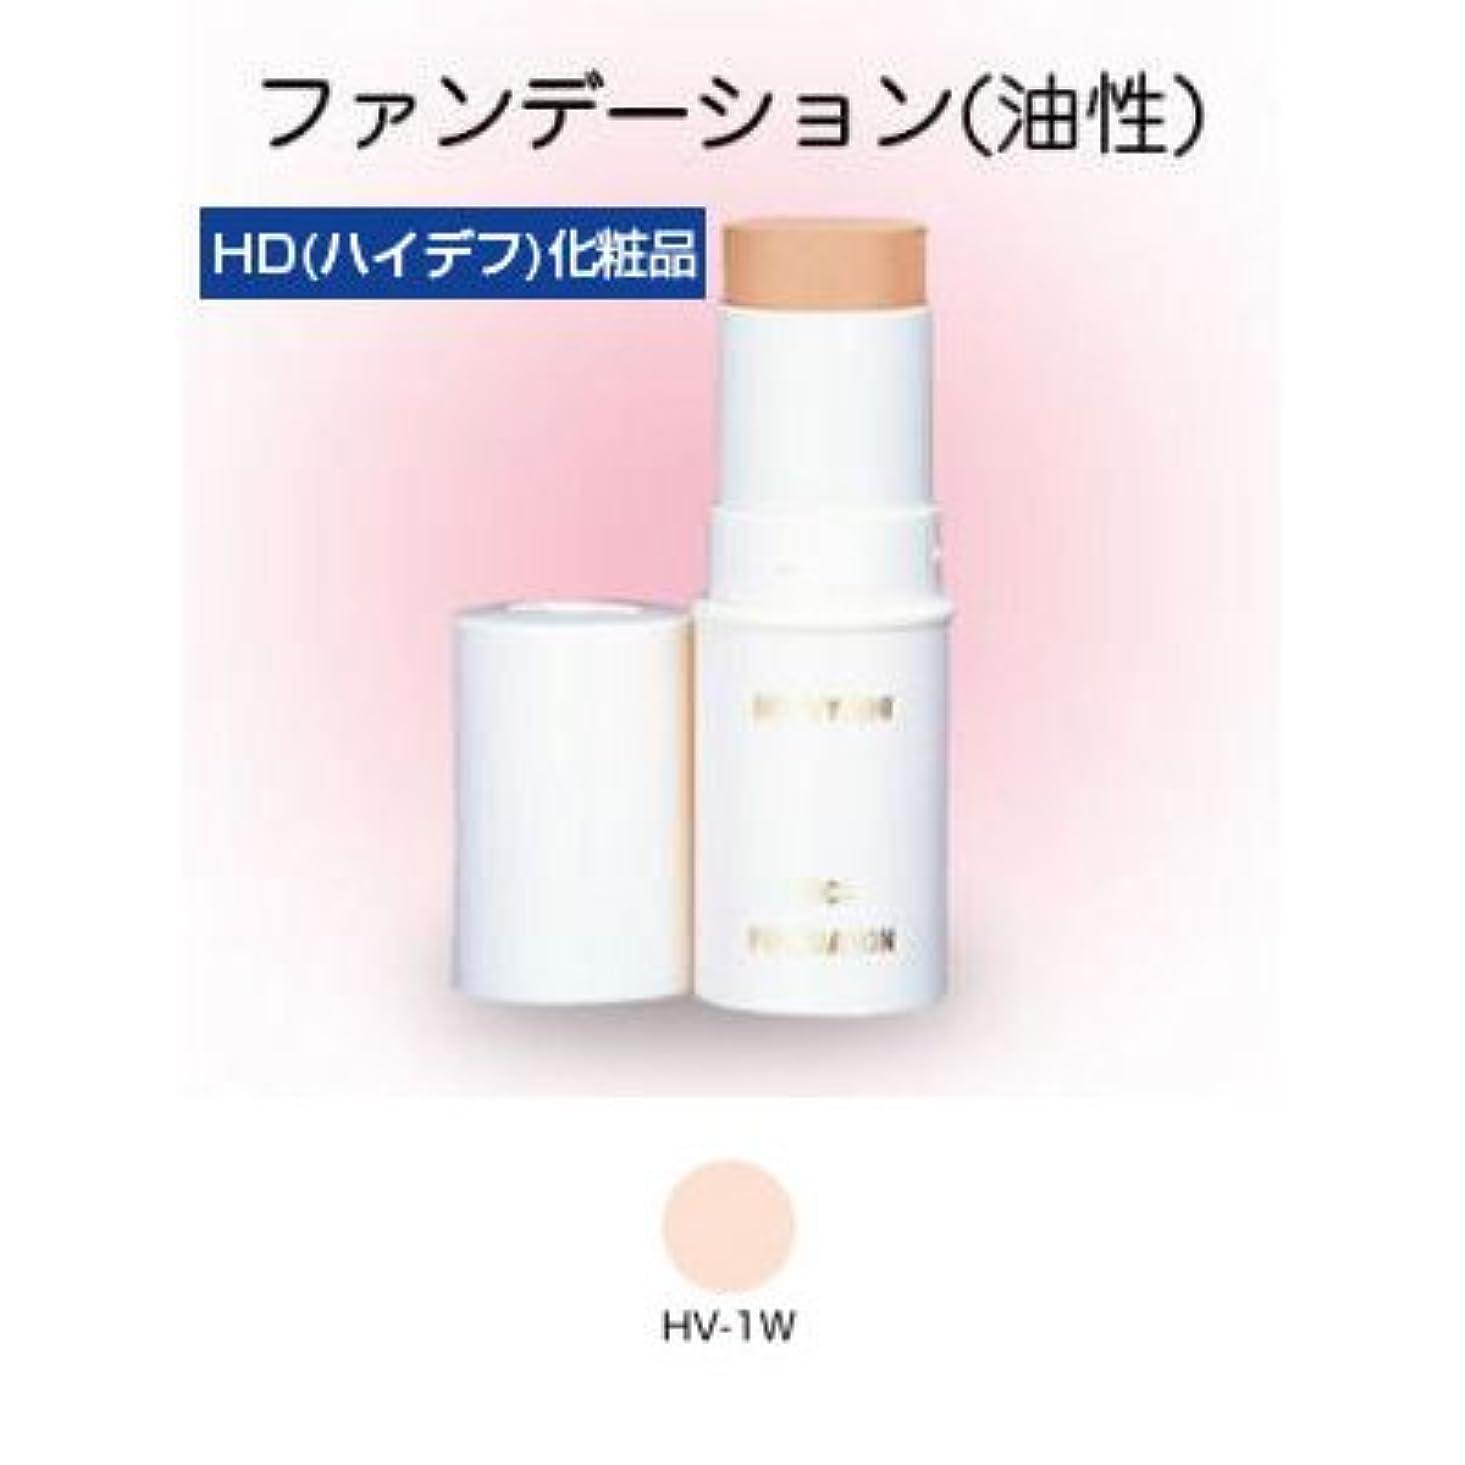 安定した文法喪スティックファンデーション HD化粧品 17g 1W 【三善】